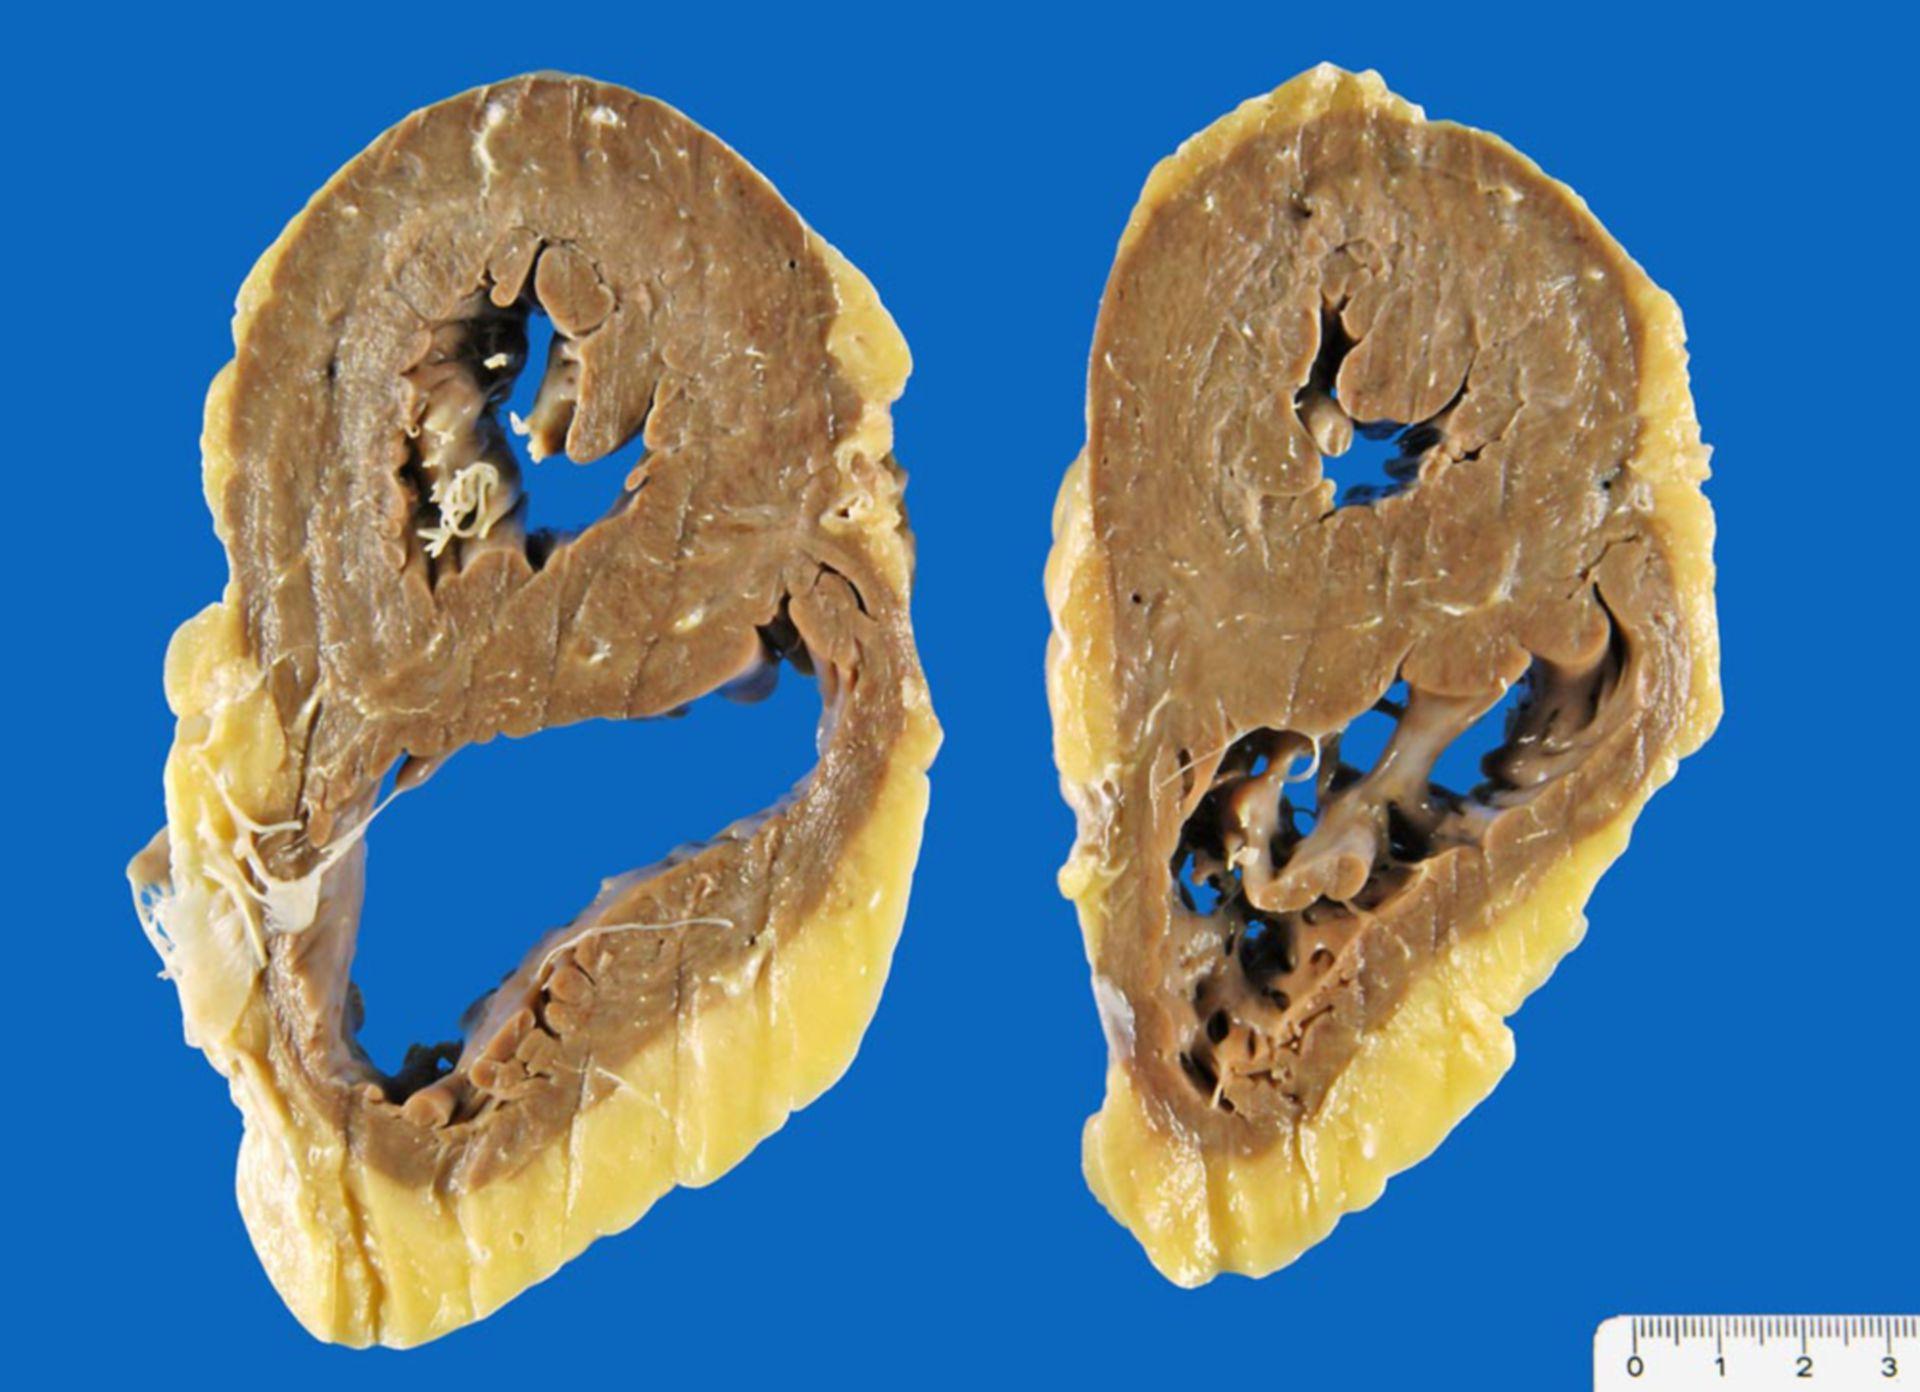 Biventrikuläre Herzhypertrophie bei arterieller Hypertonie